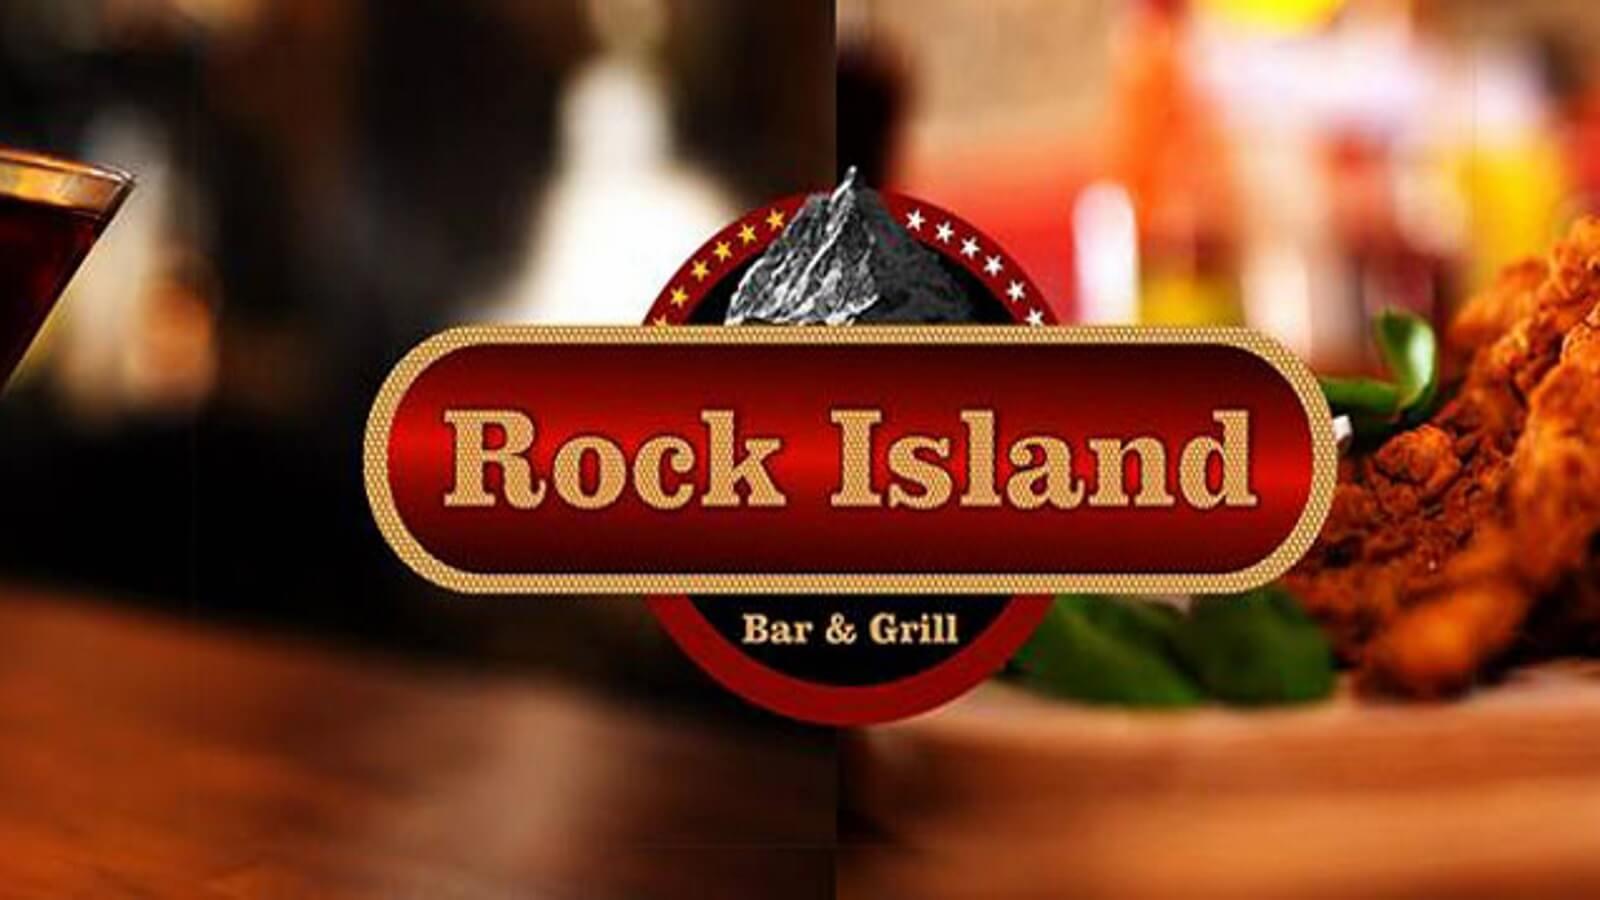 Rock Island Bar & Grill